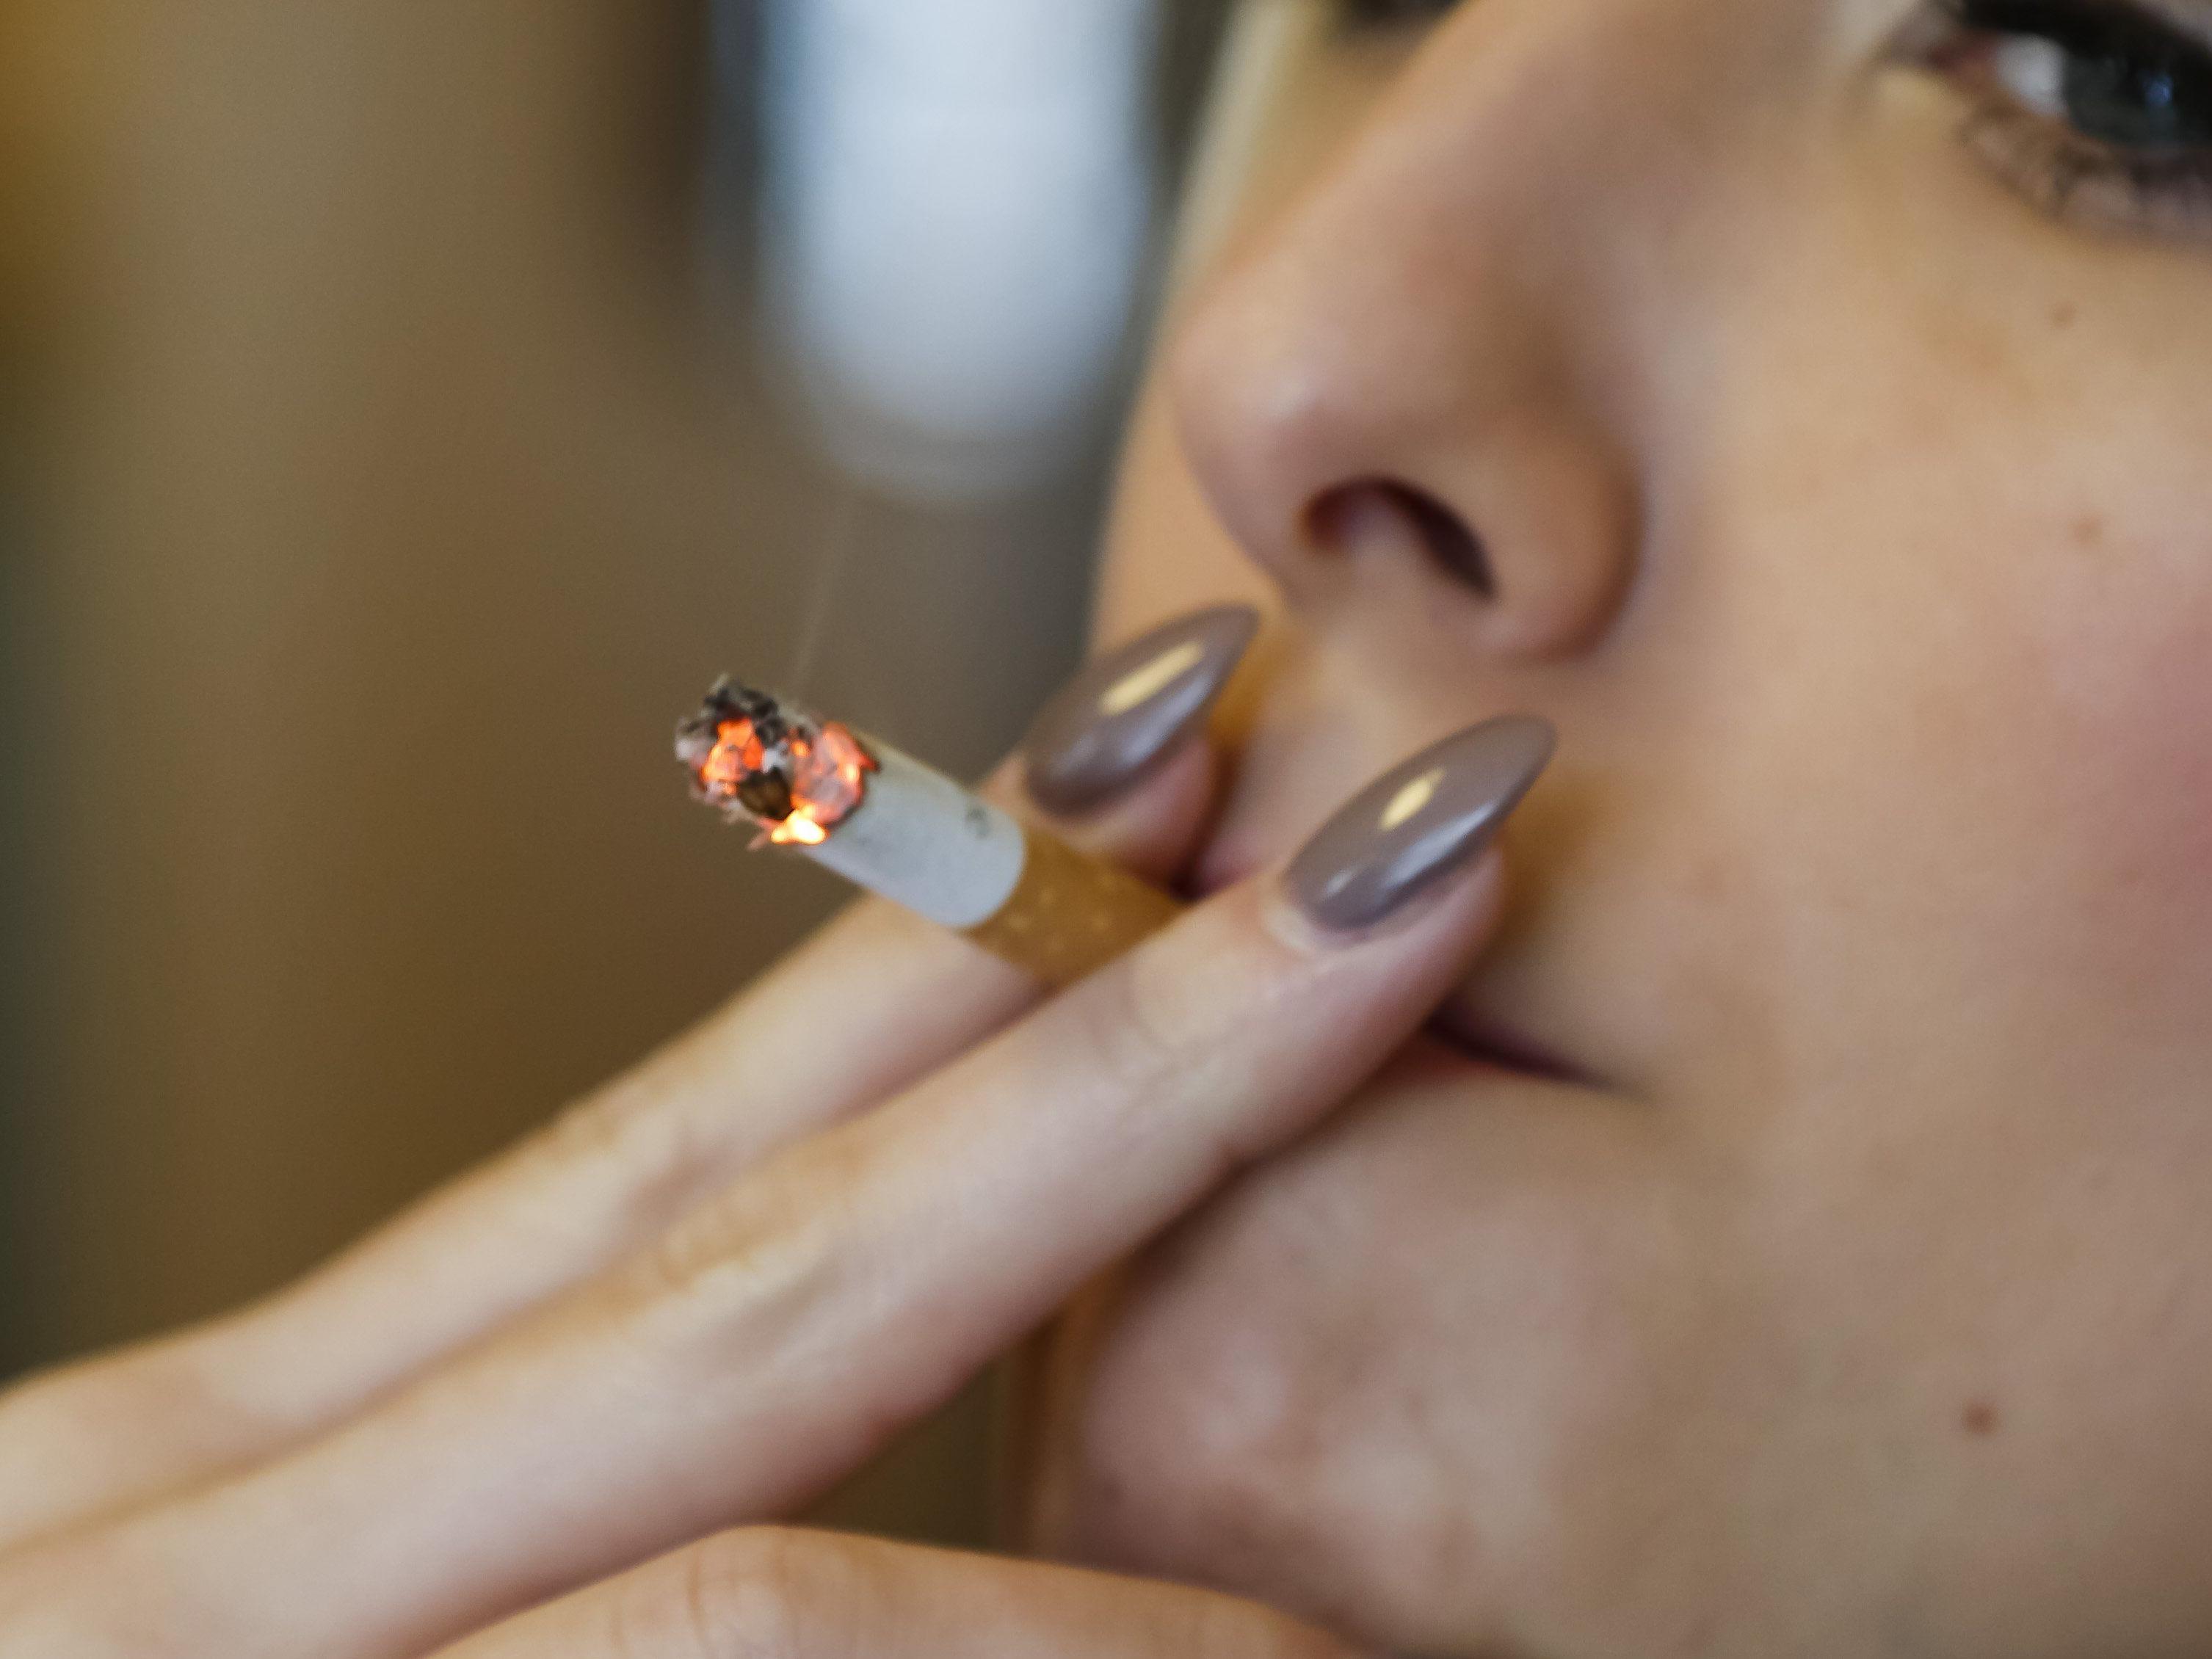 Wählen ab 16, Rauchen ab 18? Diese Logik verschließt sich den meisten Jungpolitikern.